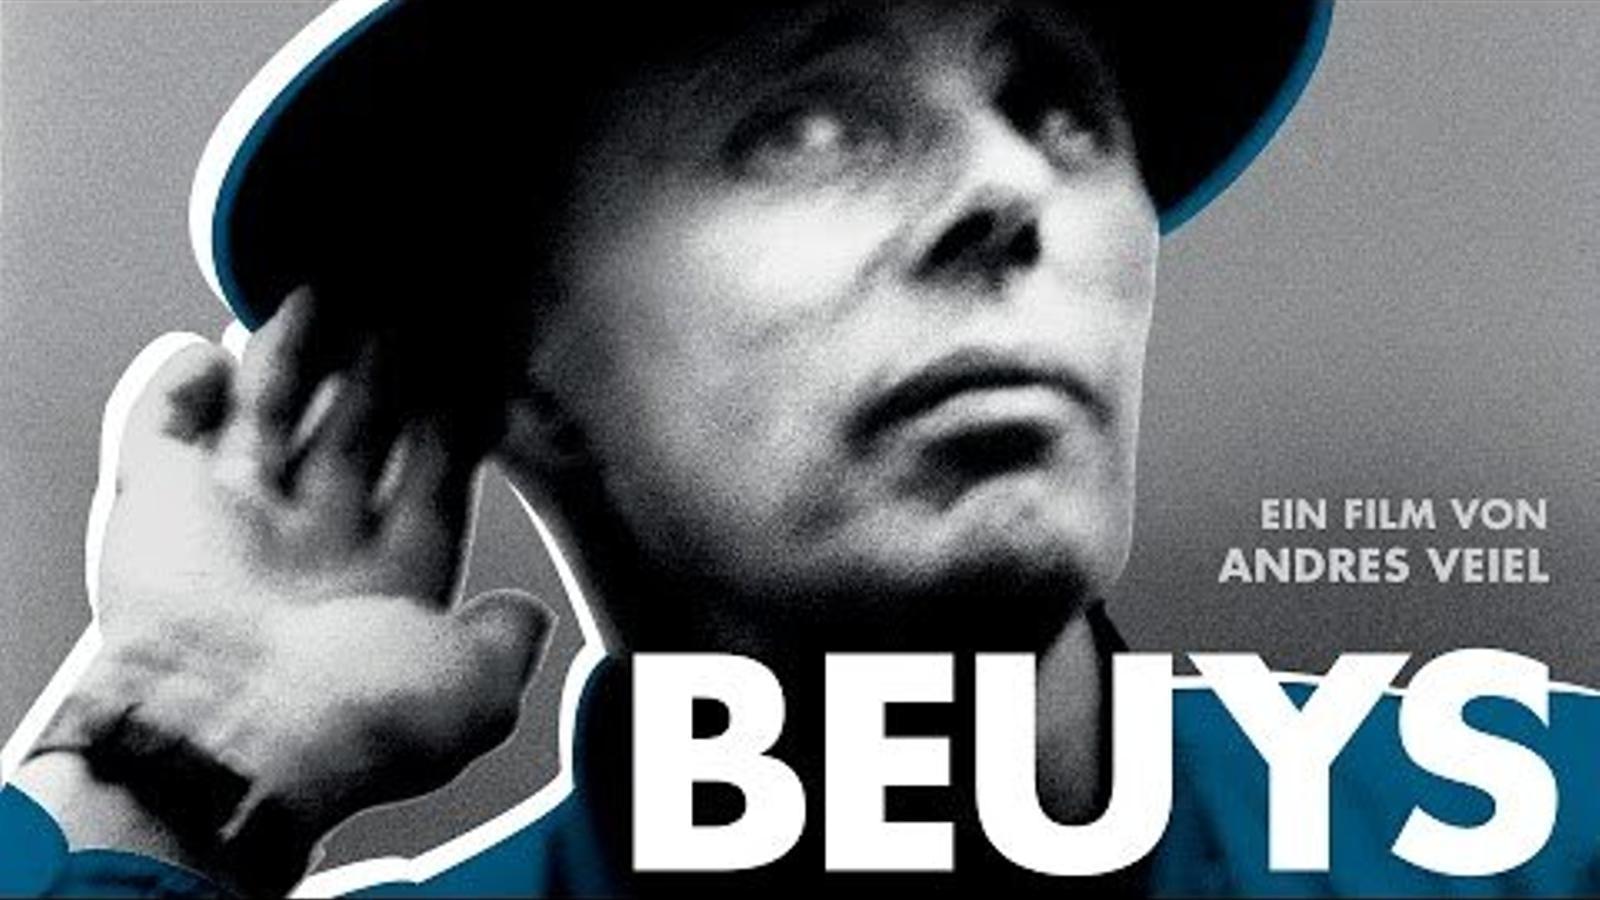 'Beuys'